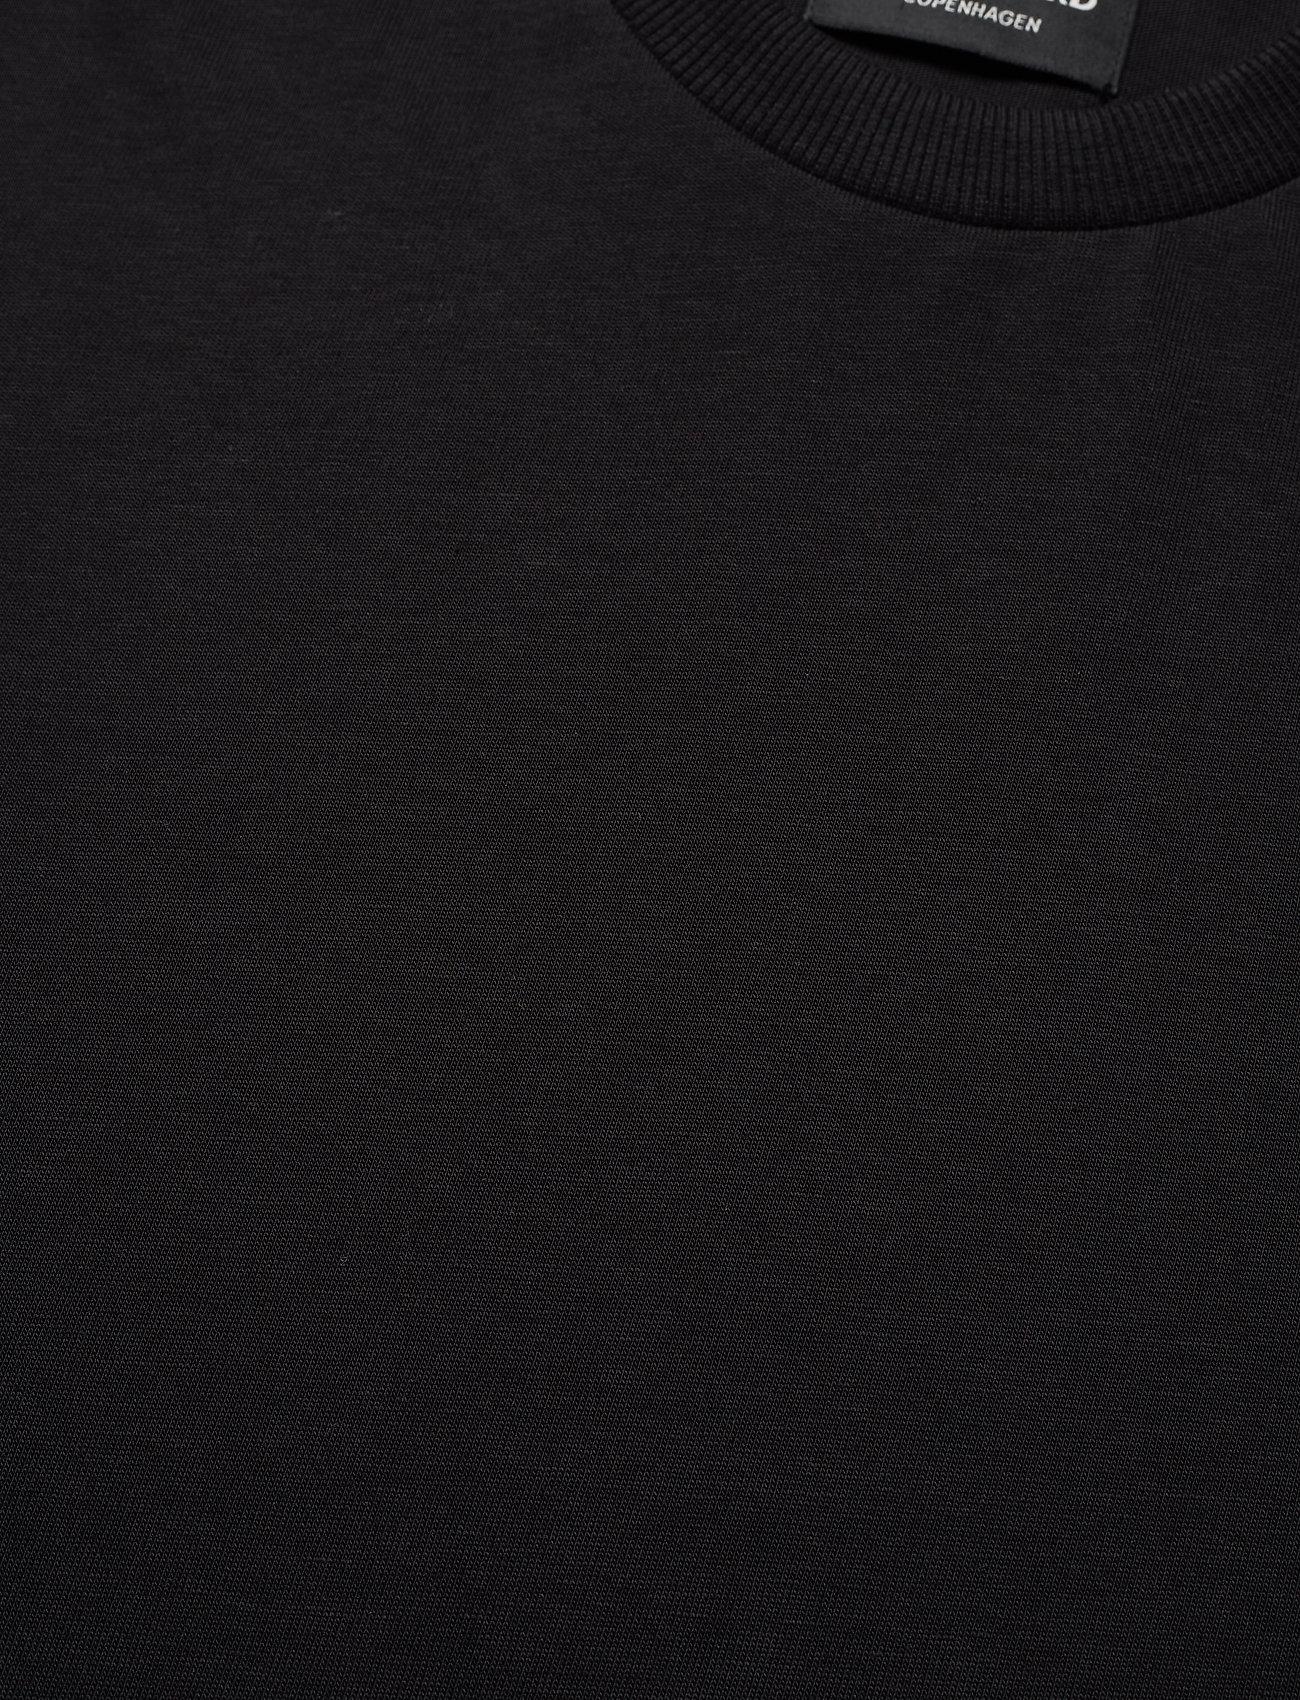 Mads Nørgaard Organic Twin - T-skjorter BLACK - Menn Klær